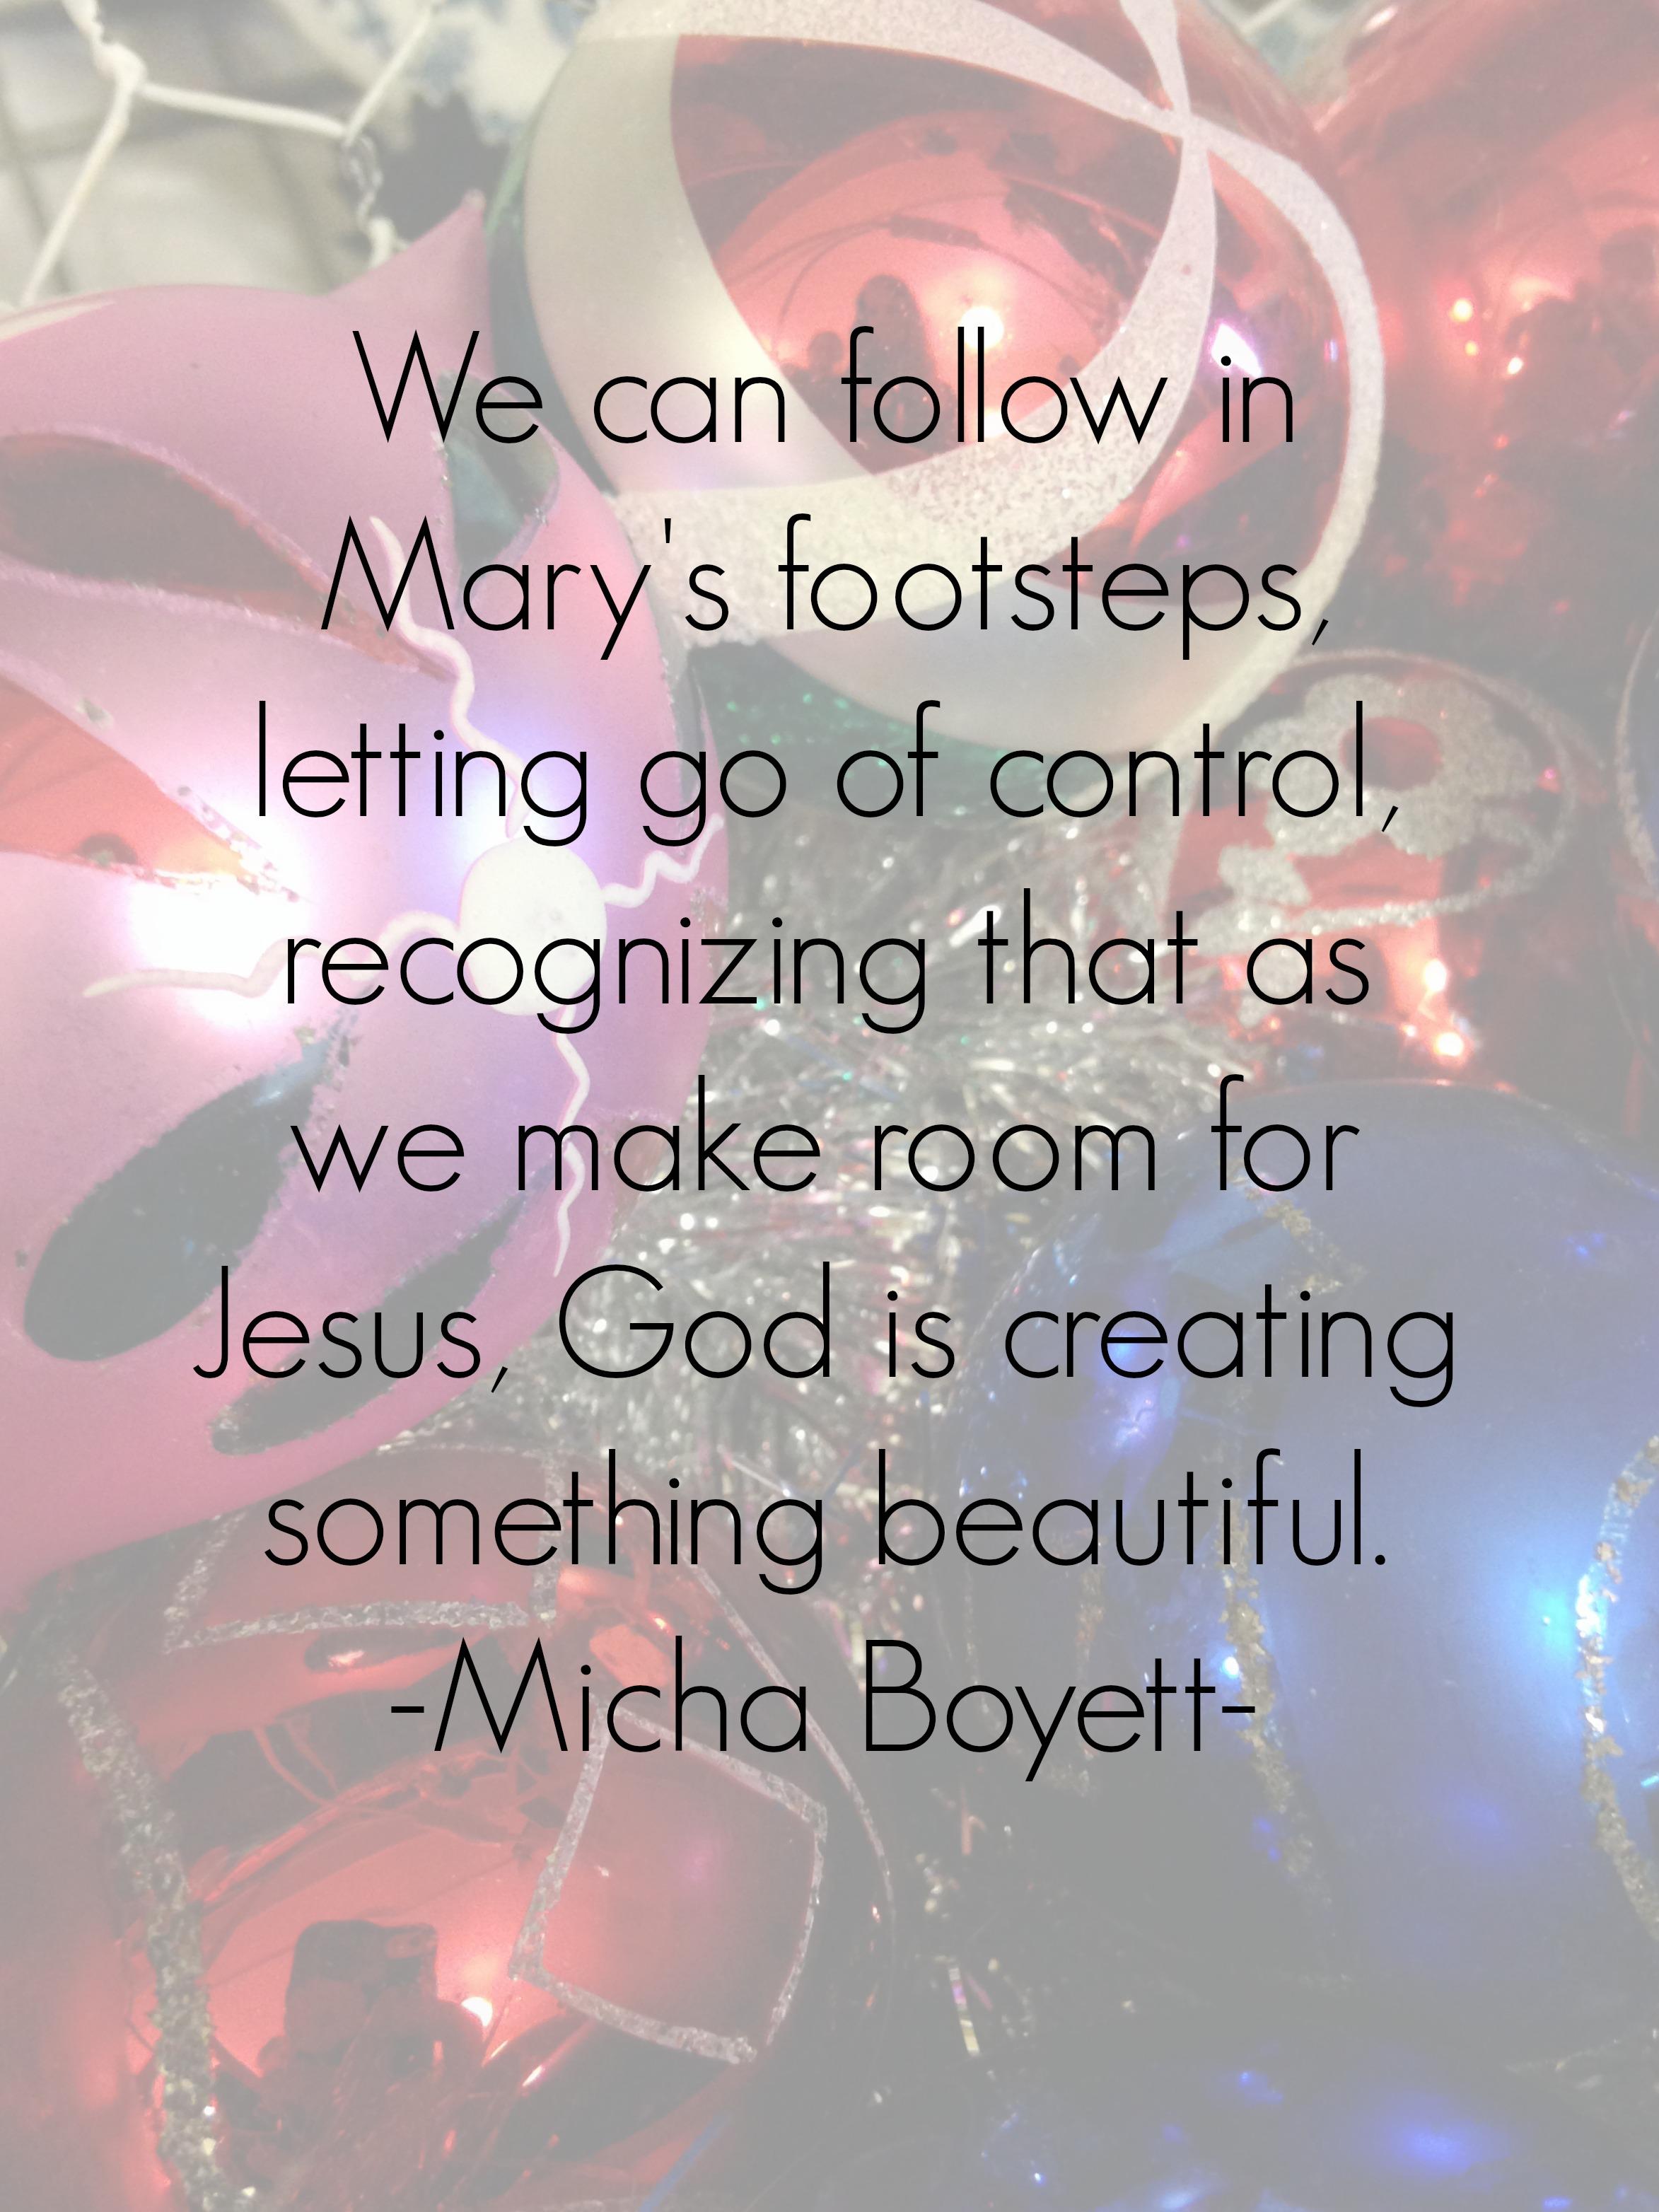 make room for Jesus